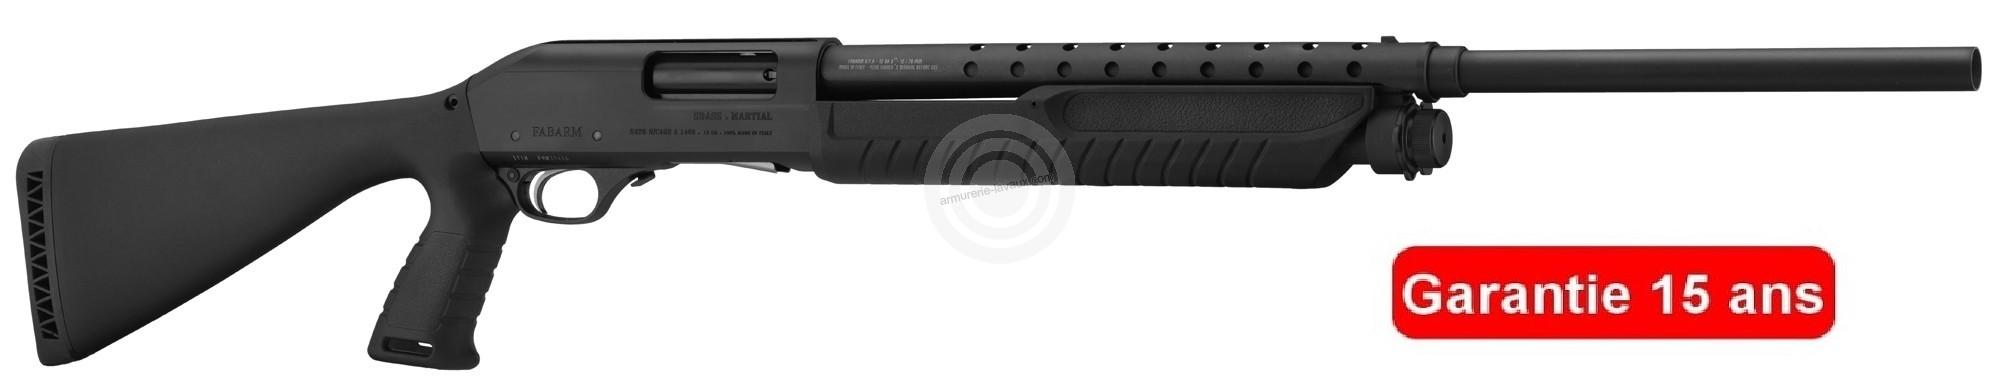 Fusil à pompe FABARM SDASS MARTIAL cal.12/76